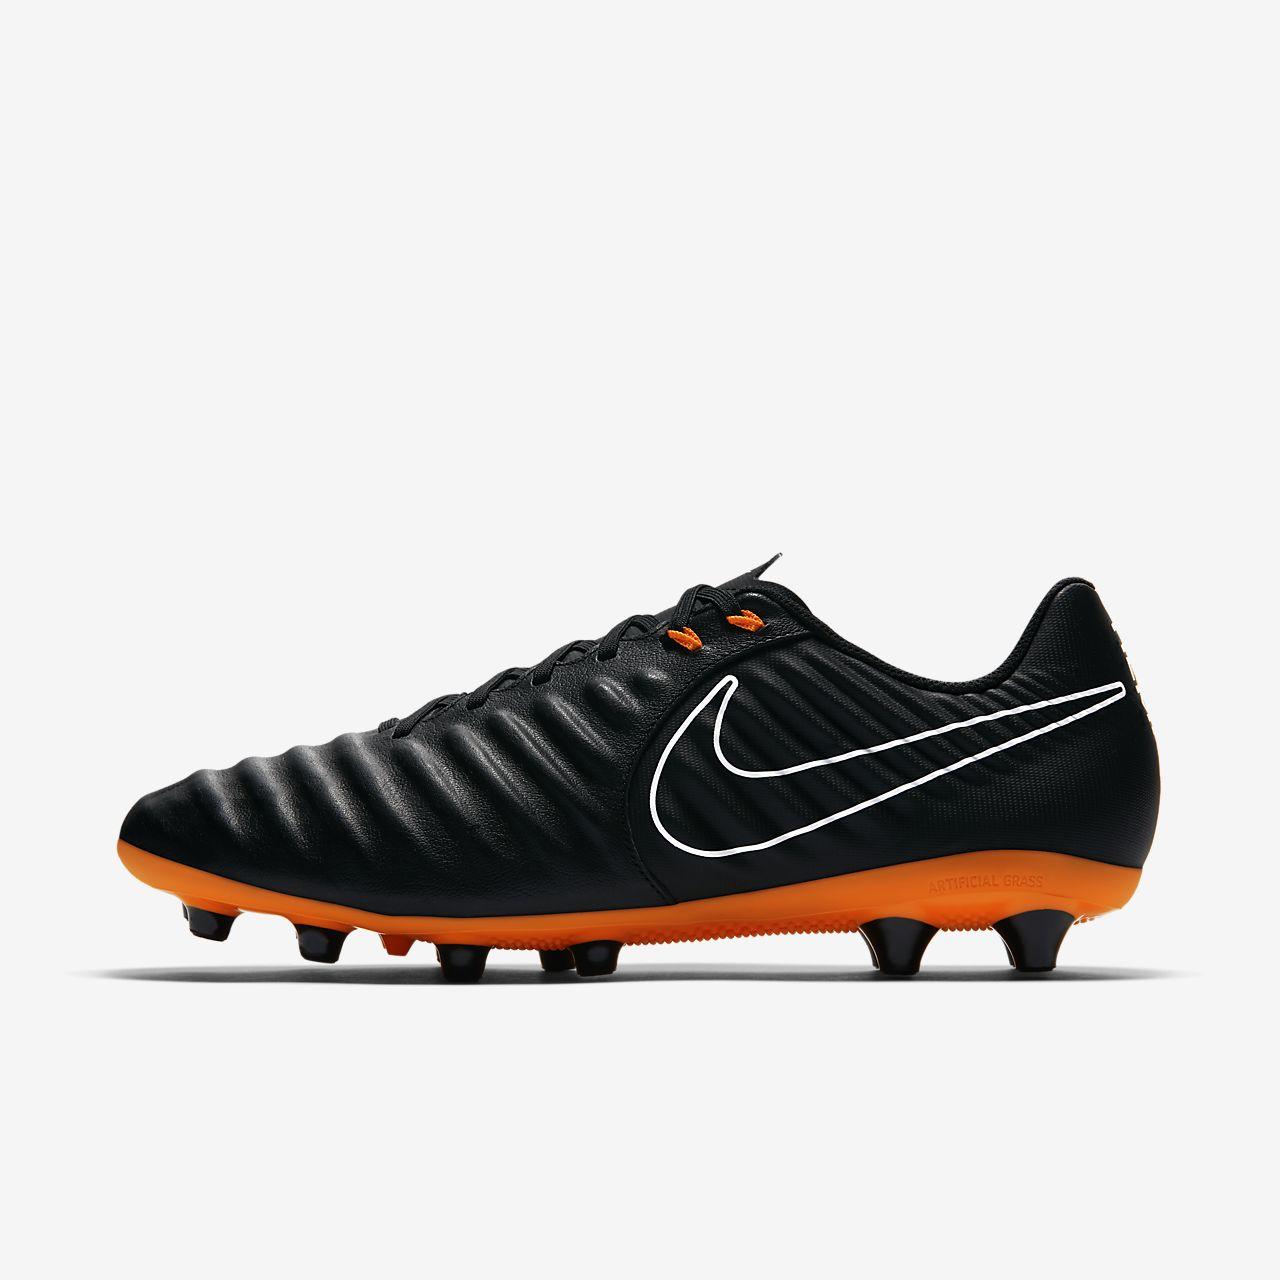 scarpe calcio nike tiempo ag